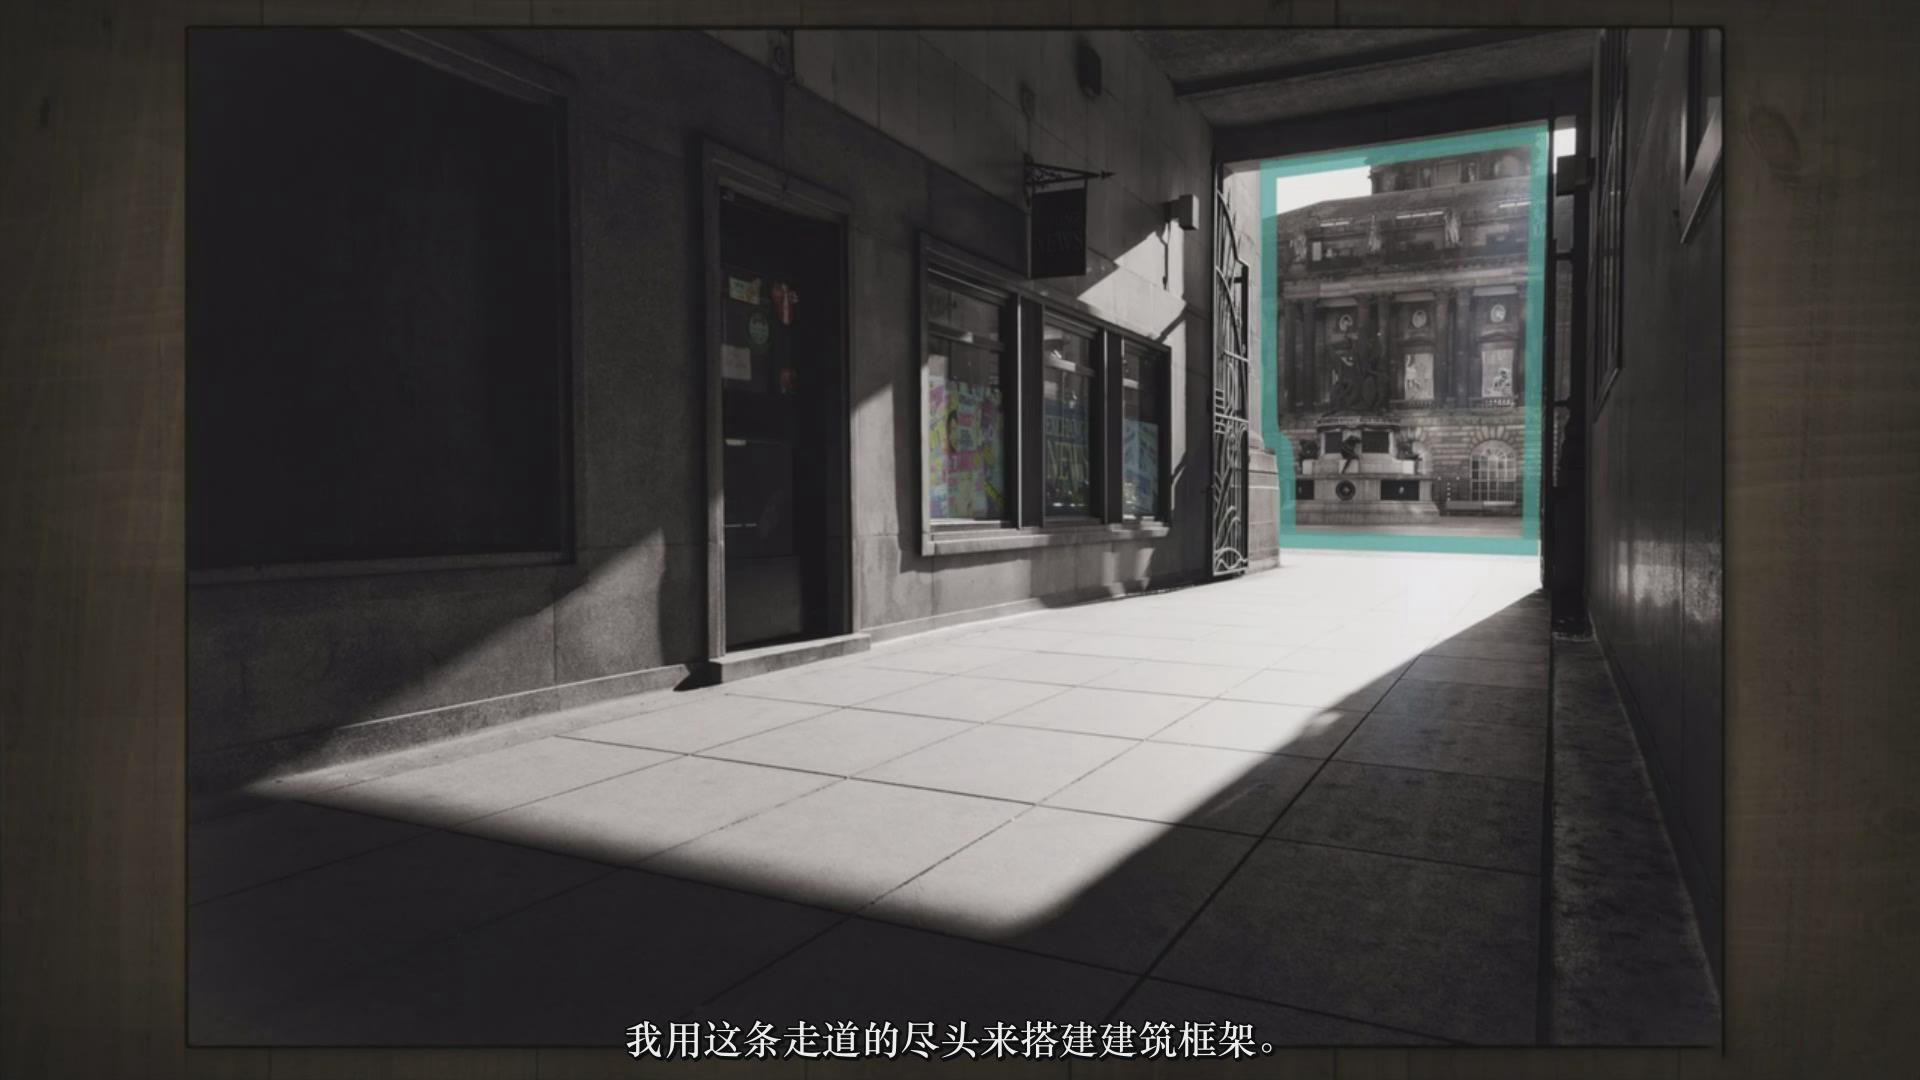 """摄影教程_Frank Minghella-""""完美照片构图""""将您摄影技术提高到一个新水平-中文字幕 摄影教程 _预览图6"""